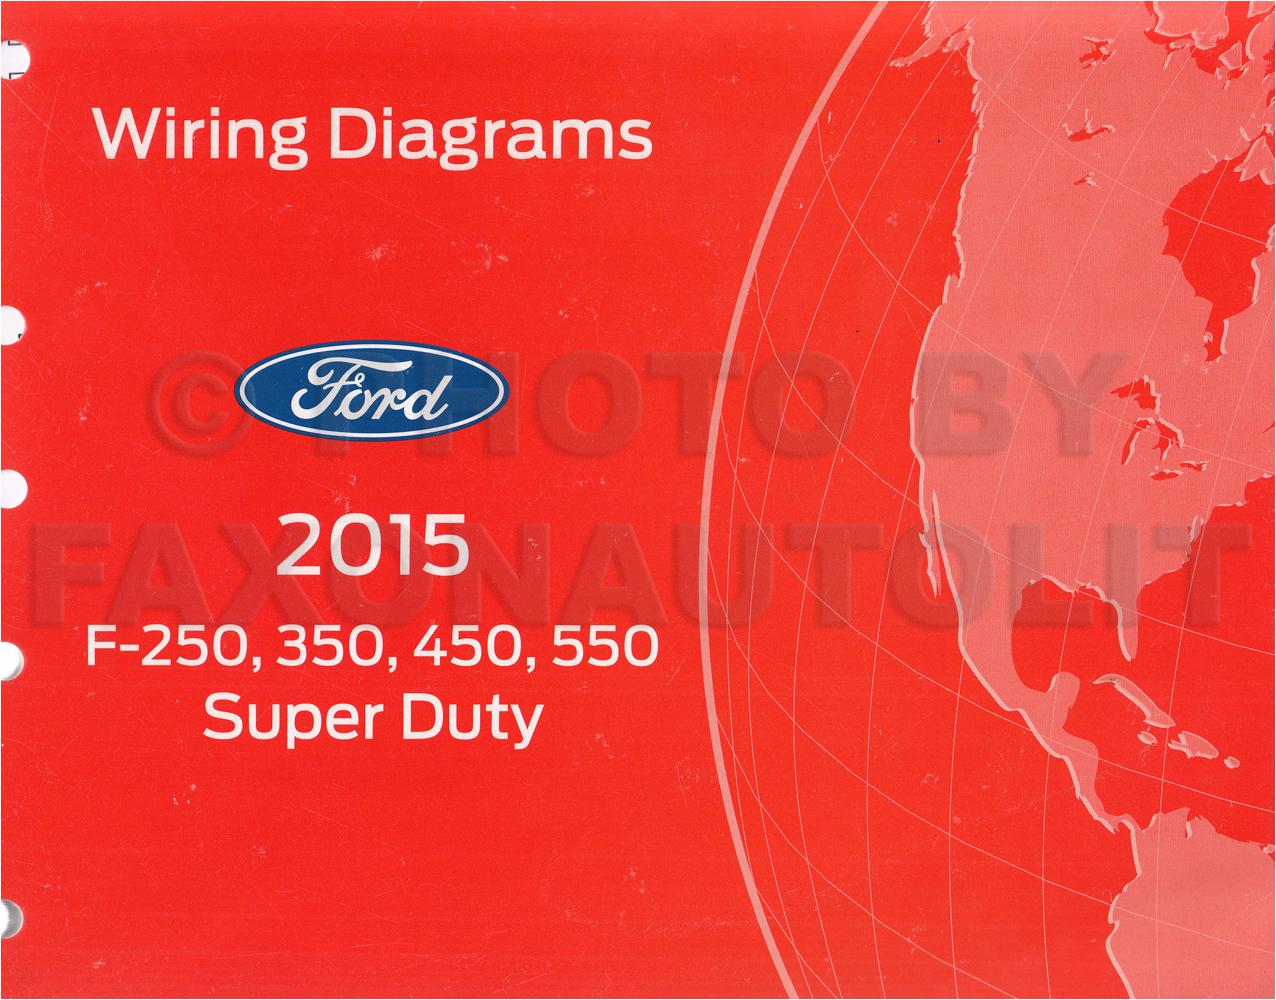 2015 ford f350 wiring diagram